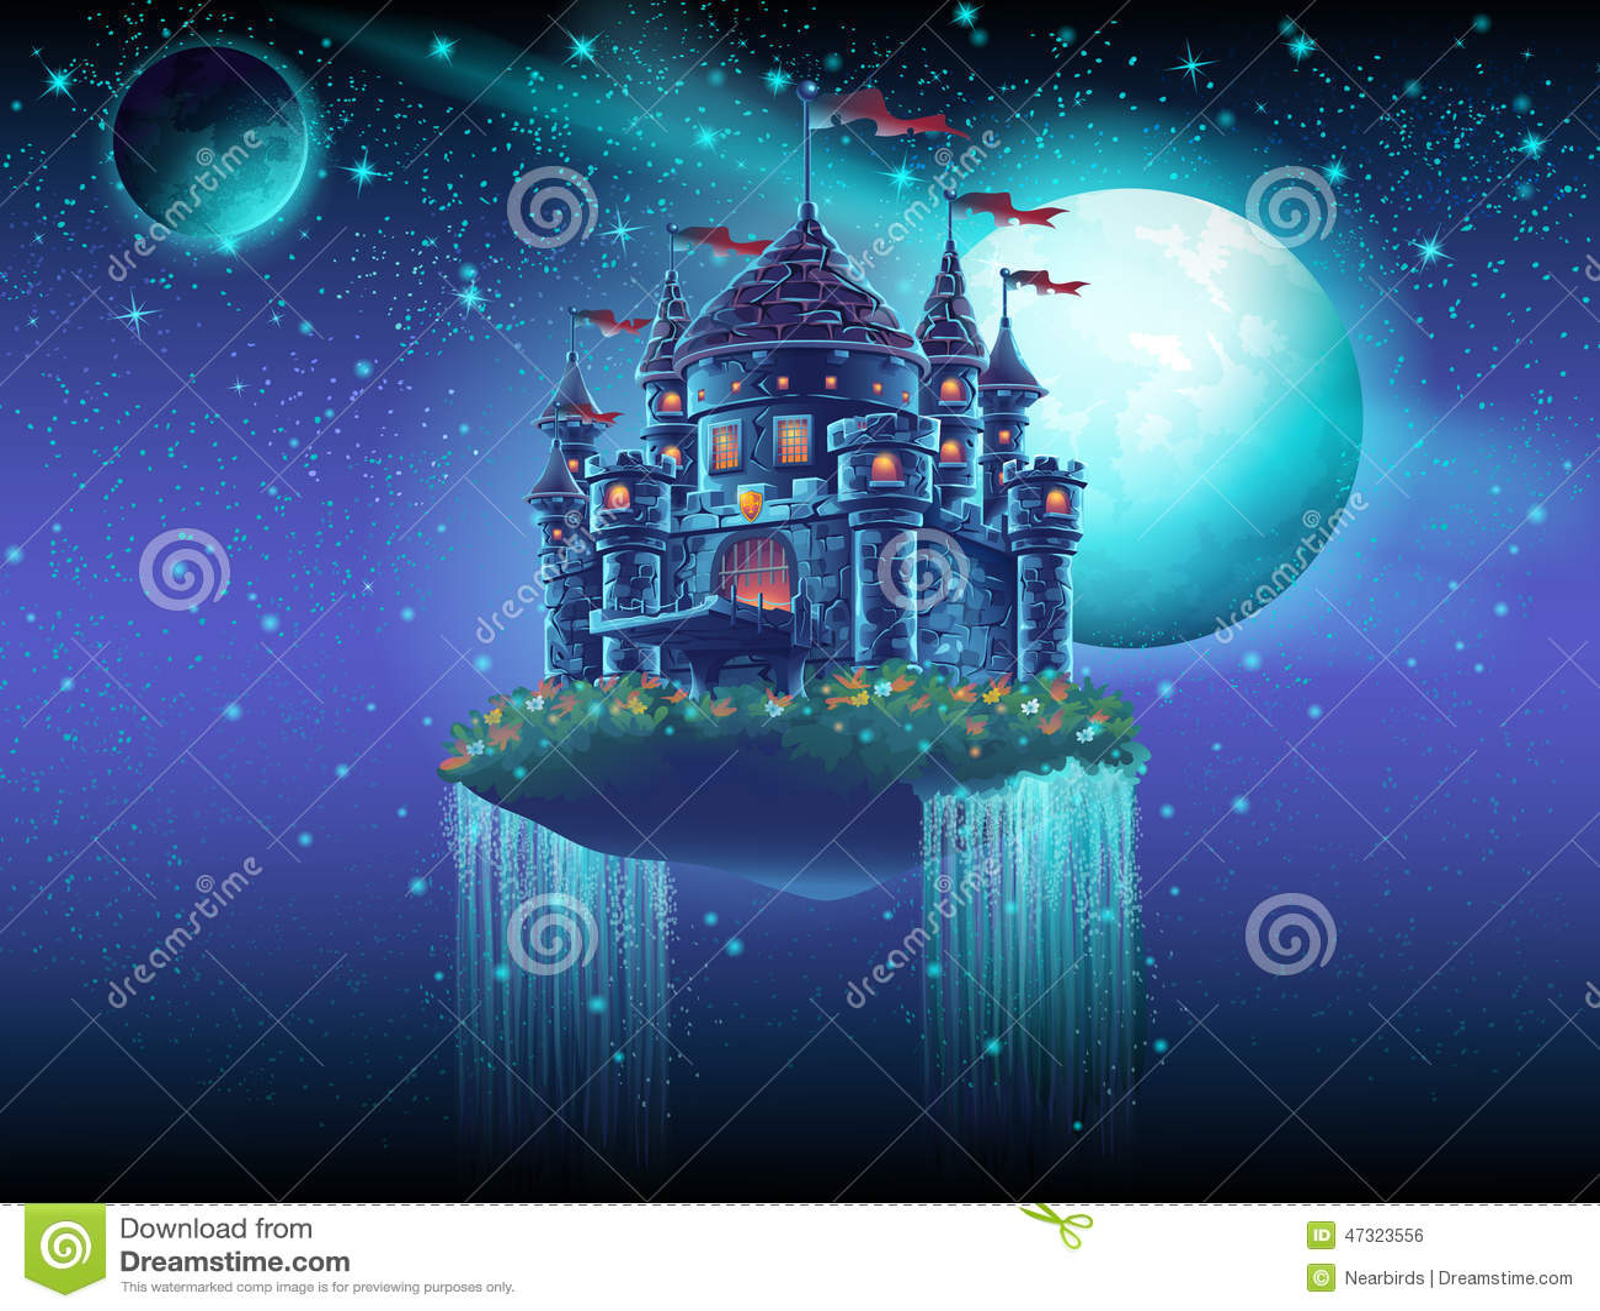 Illustratie van een vliegend kasteel in ruimte tegen een achtergrond van sterren en planeten